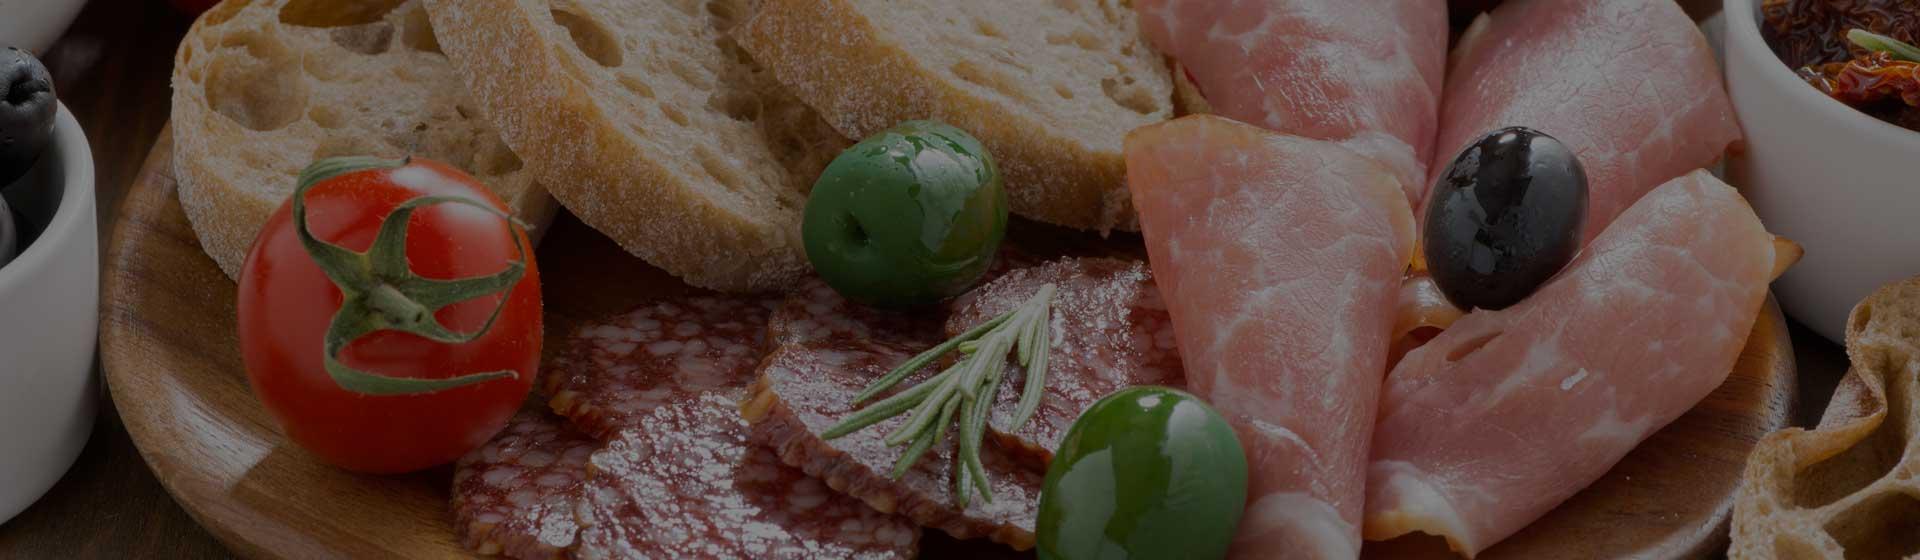 (c) Toscana.ie